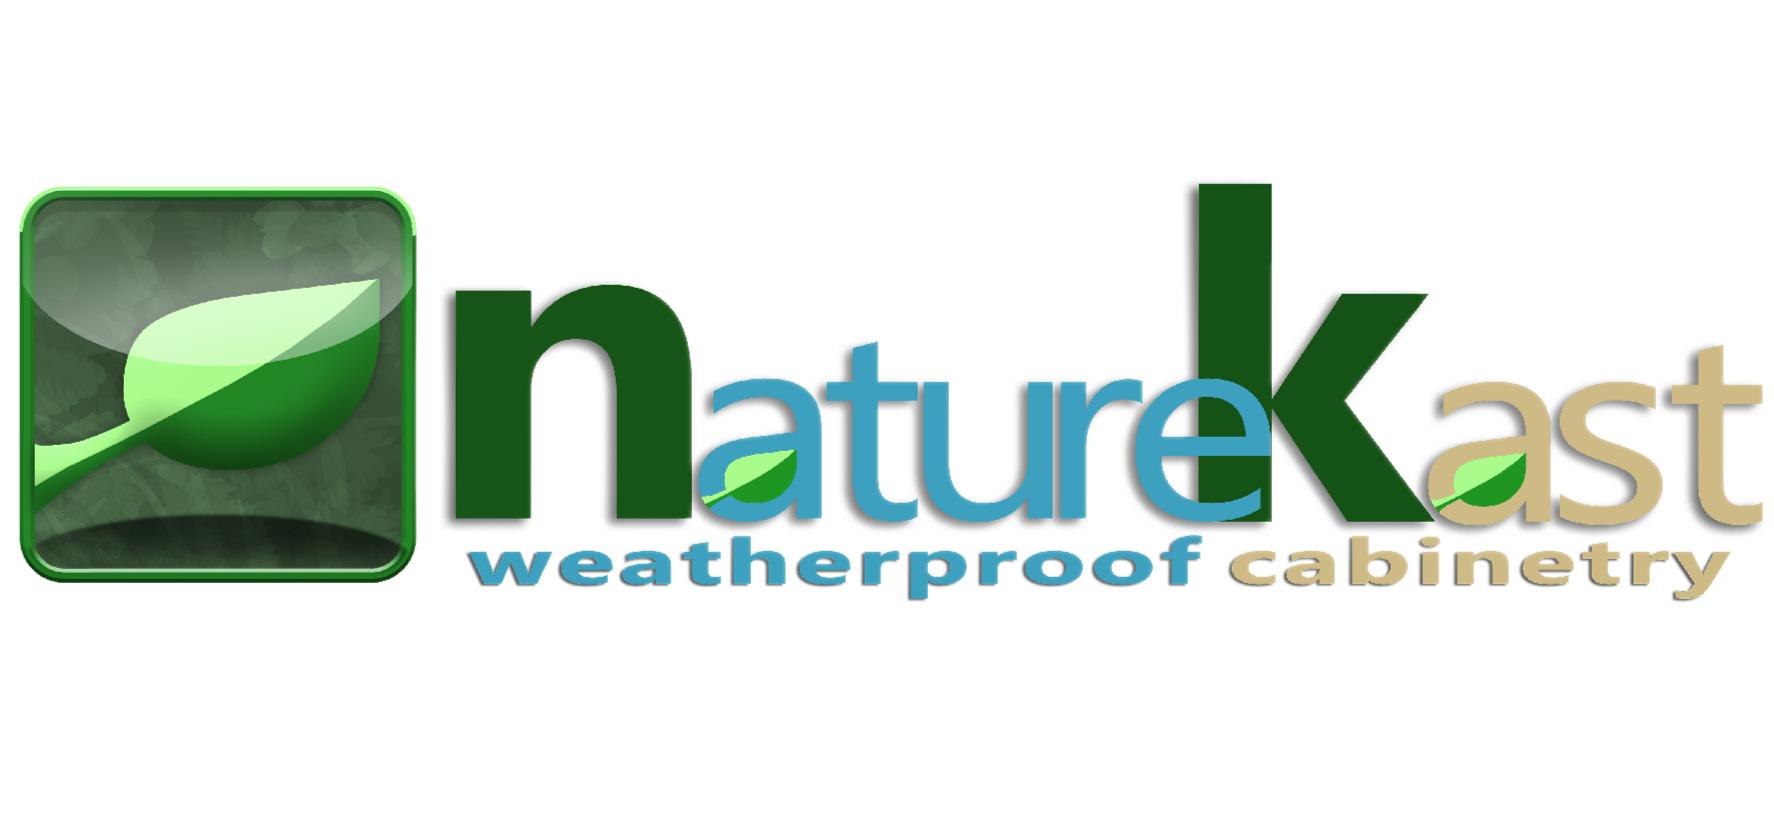 NatureKast_outdoor-kitchen_2000px.jpg